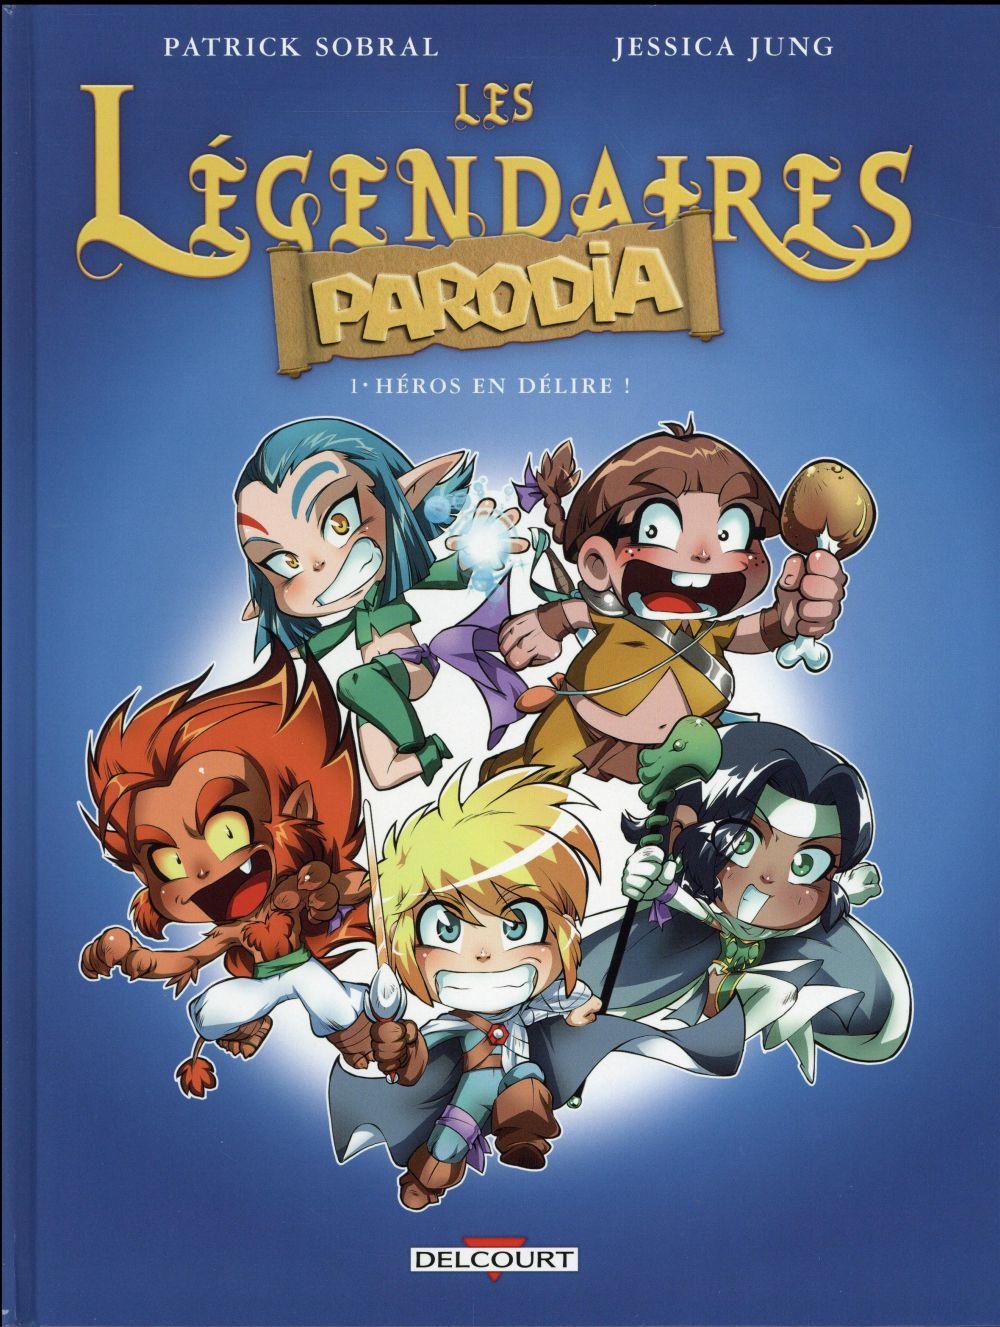 LES LEGENDAIRES - PARODIA T01 - HEROS EN DELIRE ! Jung Jessica